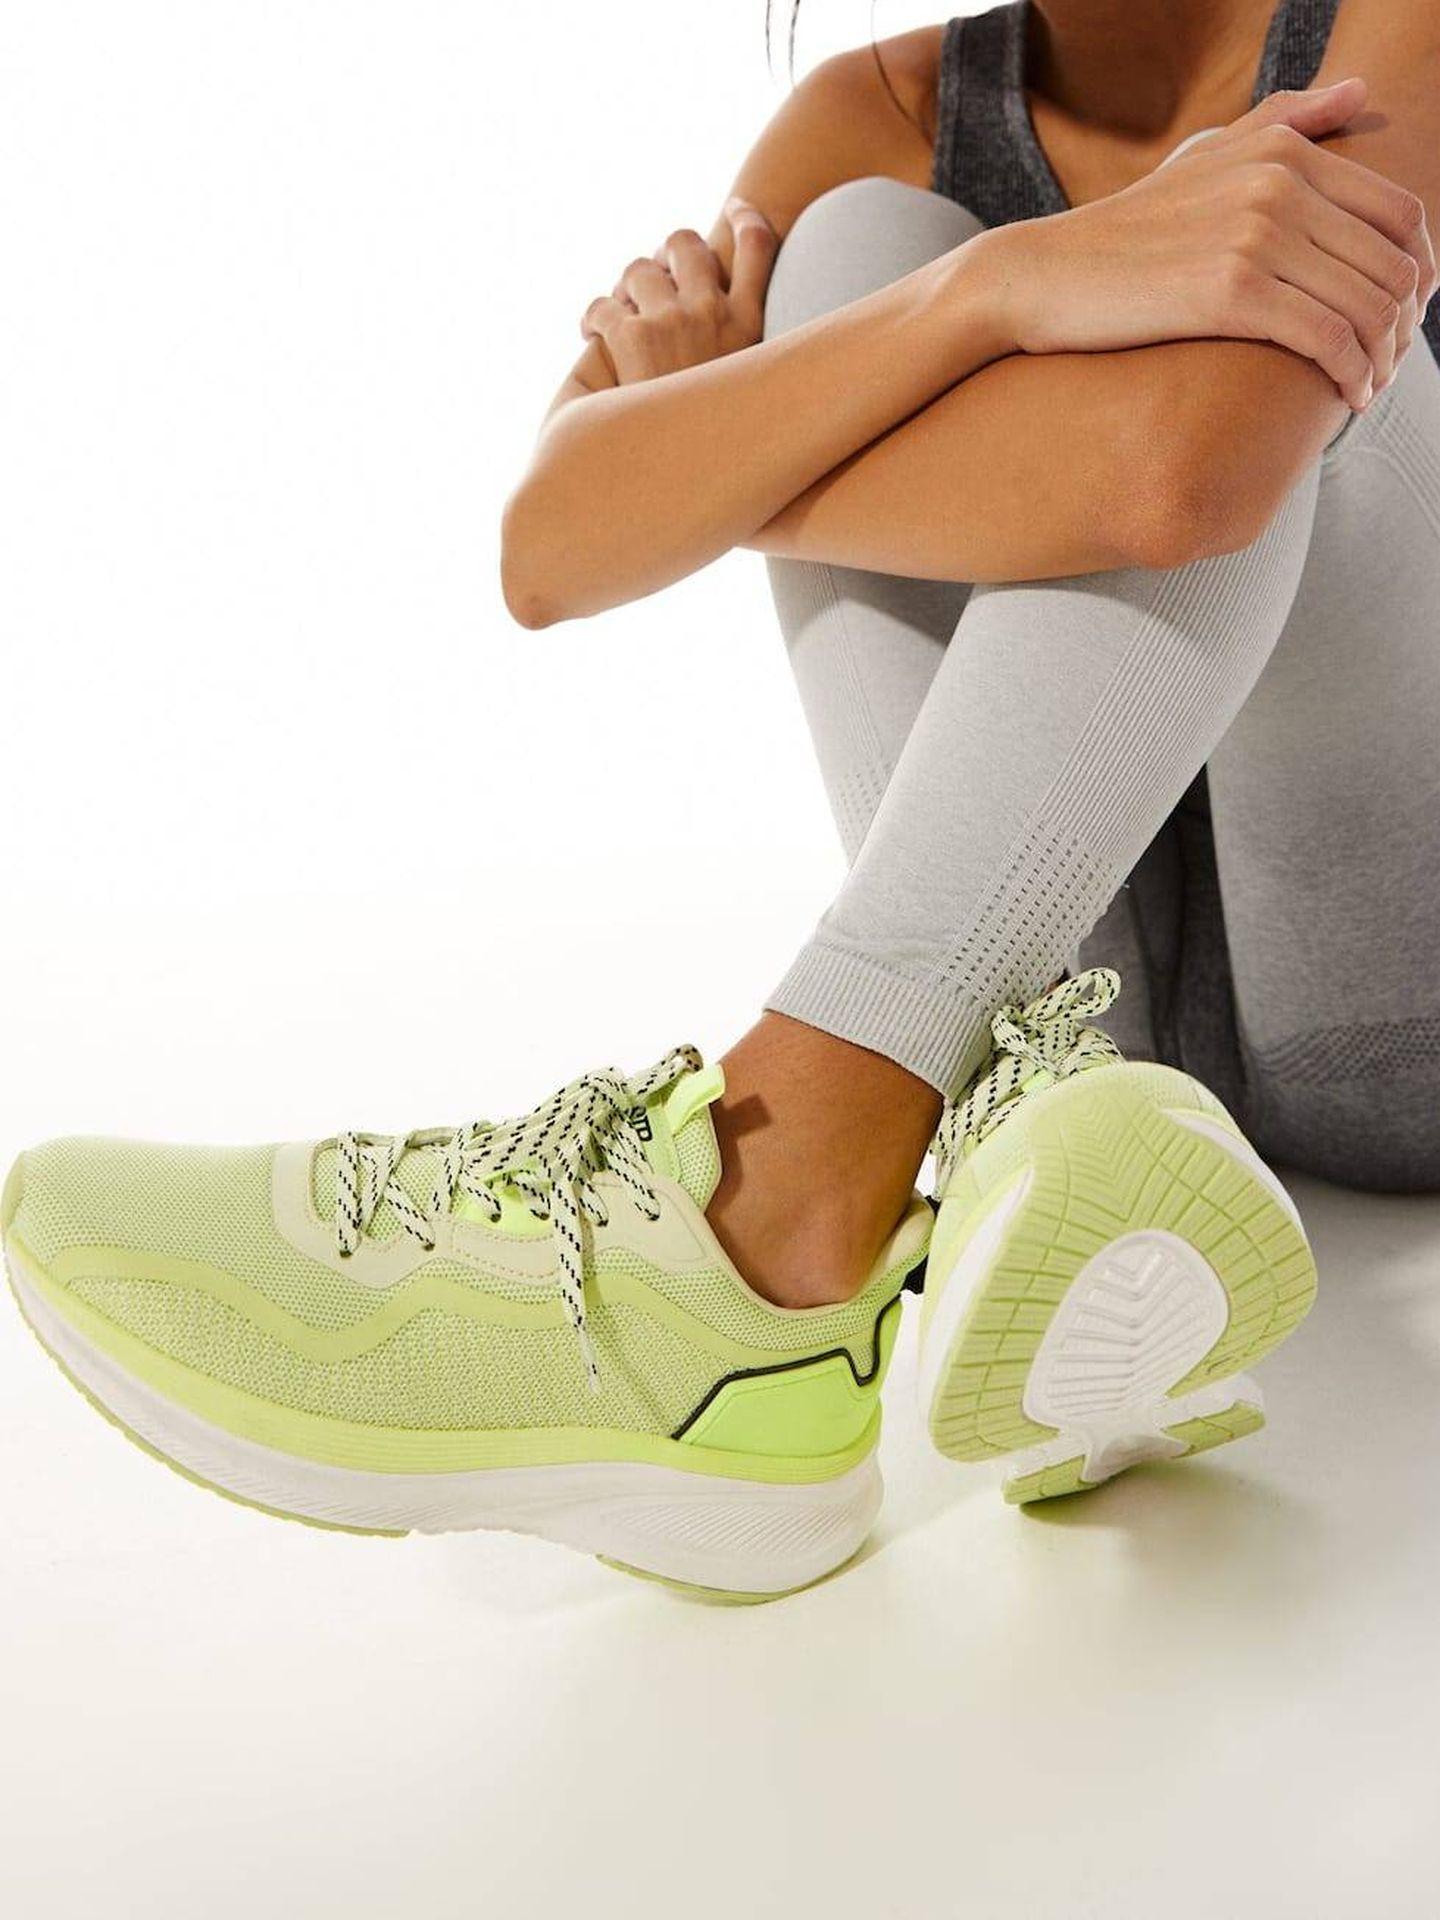 Zapatillas deportivas de Zara. (Cortesía)